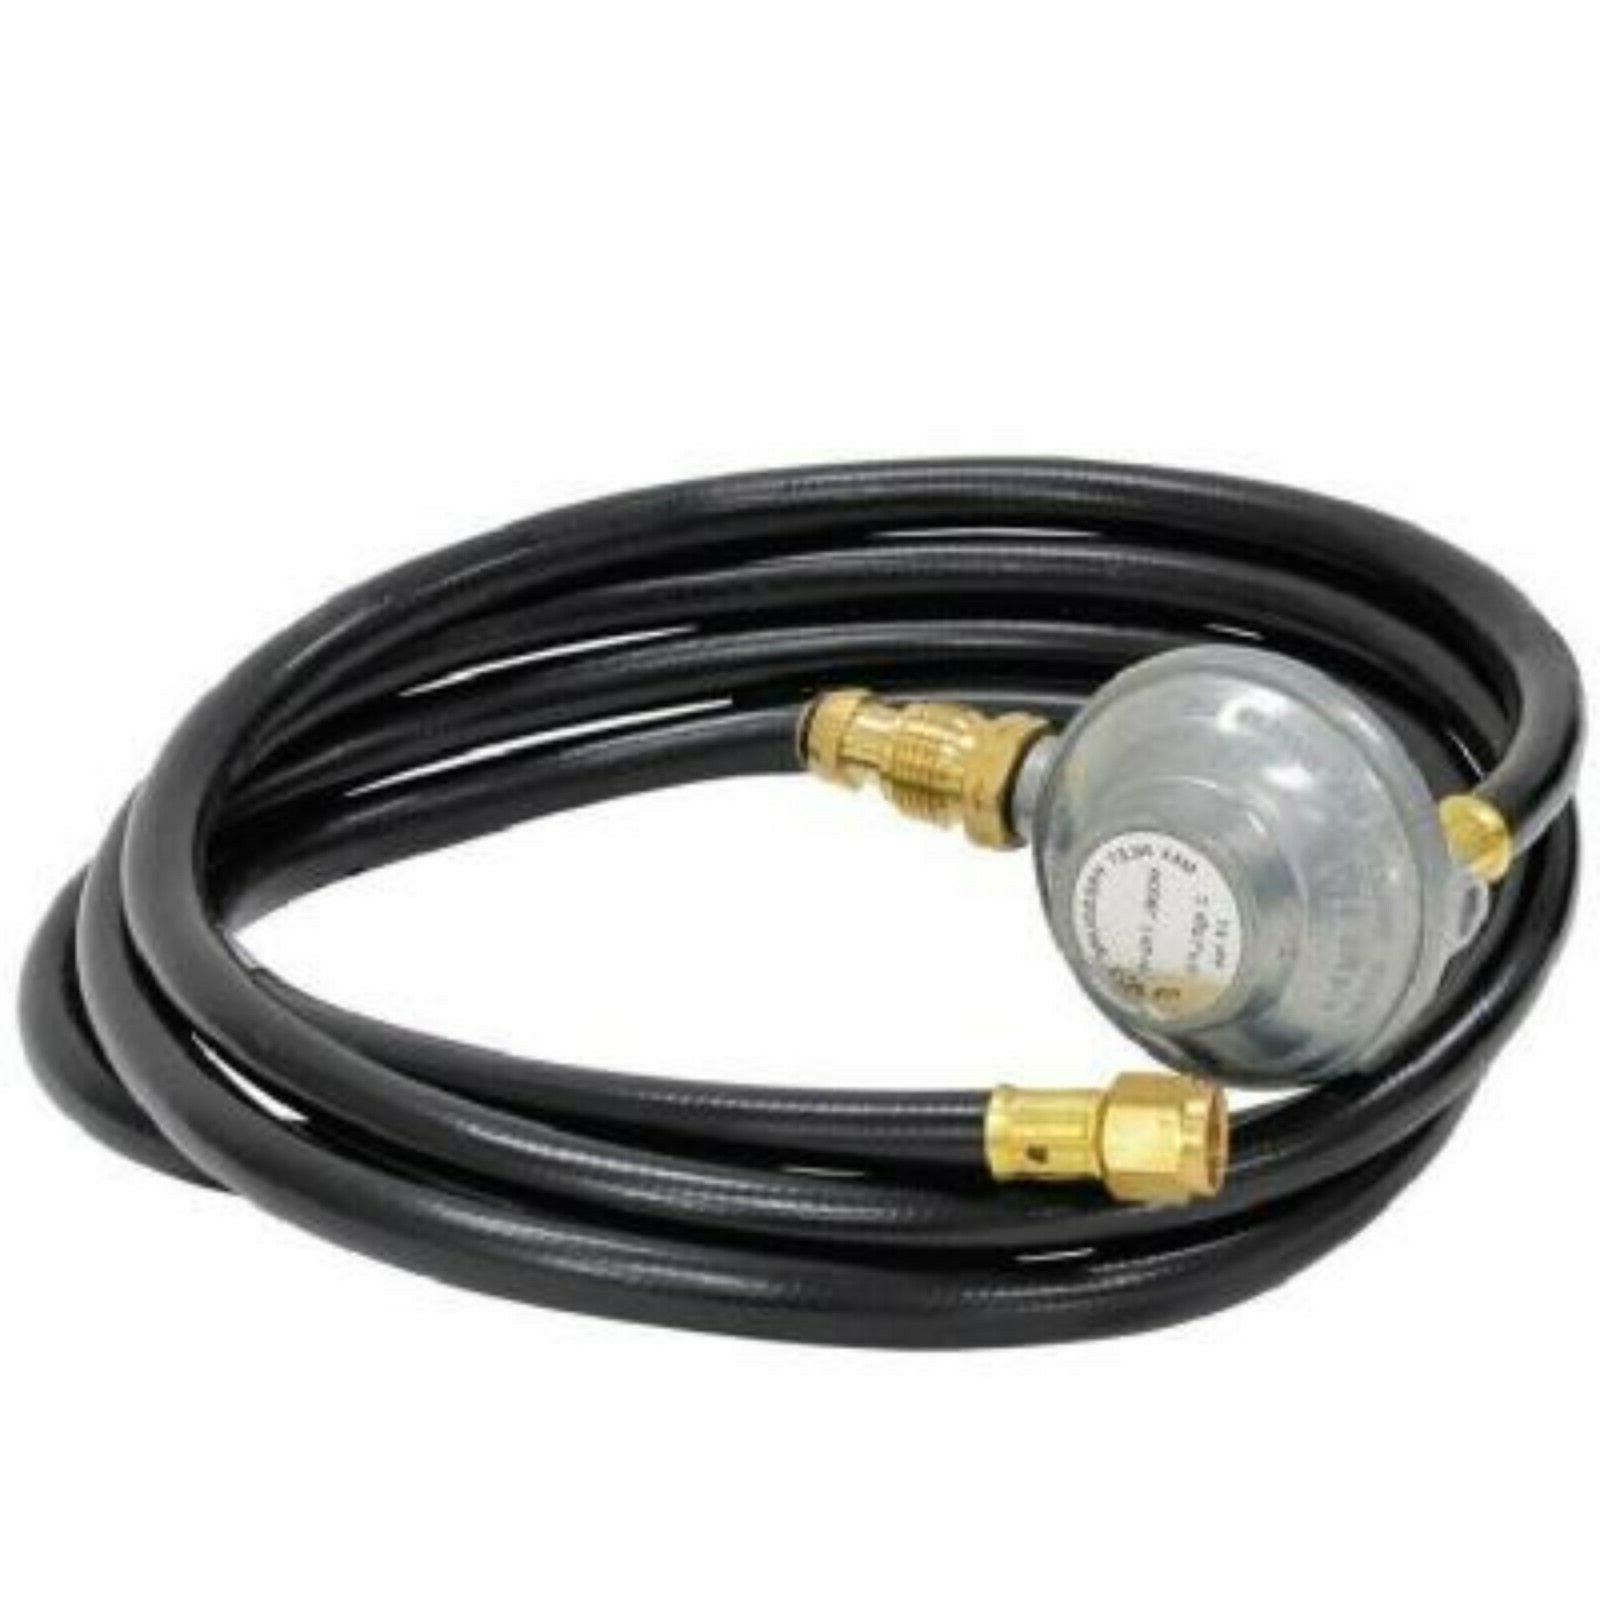 Dyna Glow BTU Propane Forced Air Heater Garage